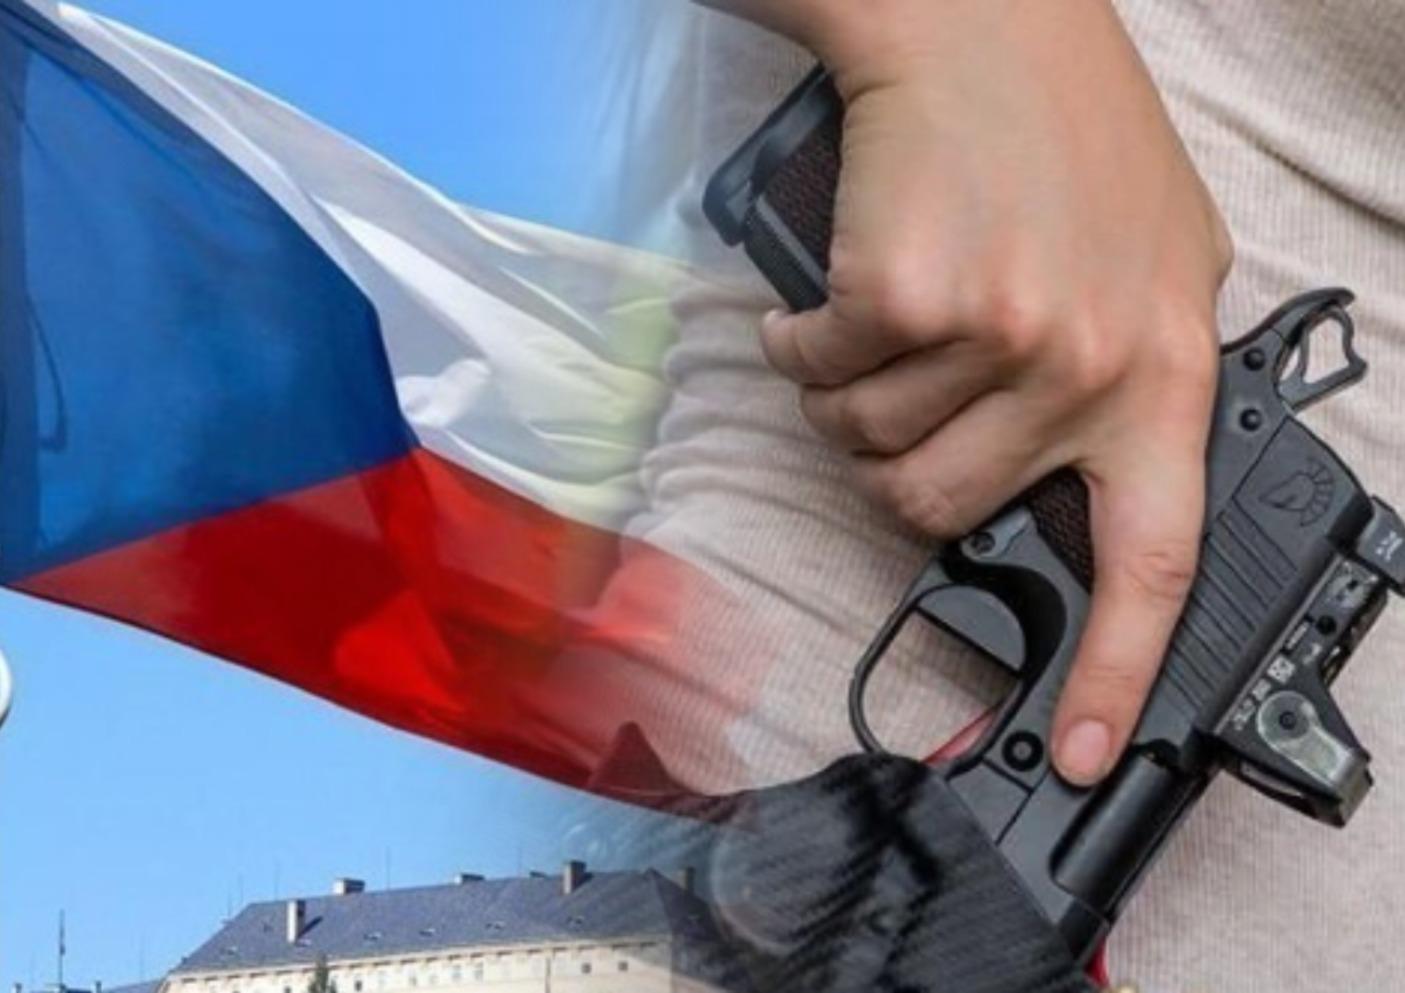 Відповідні правки до конституції щодо застосування зброї для захисту життя затвердила Верхня палата парламенту Чеської Республіки.